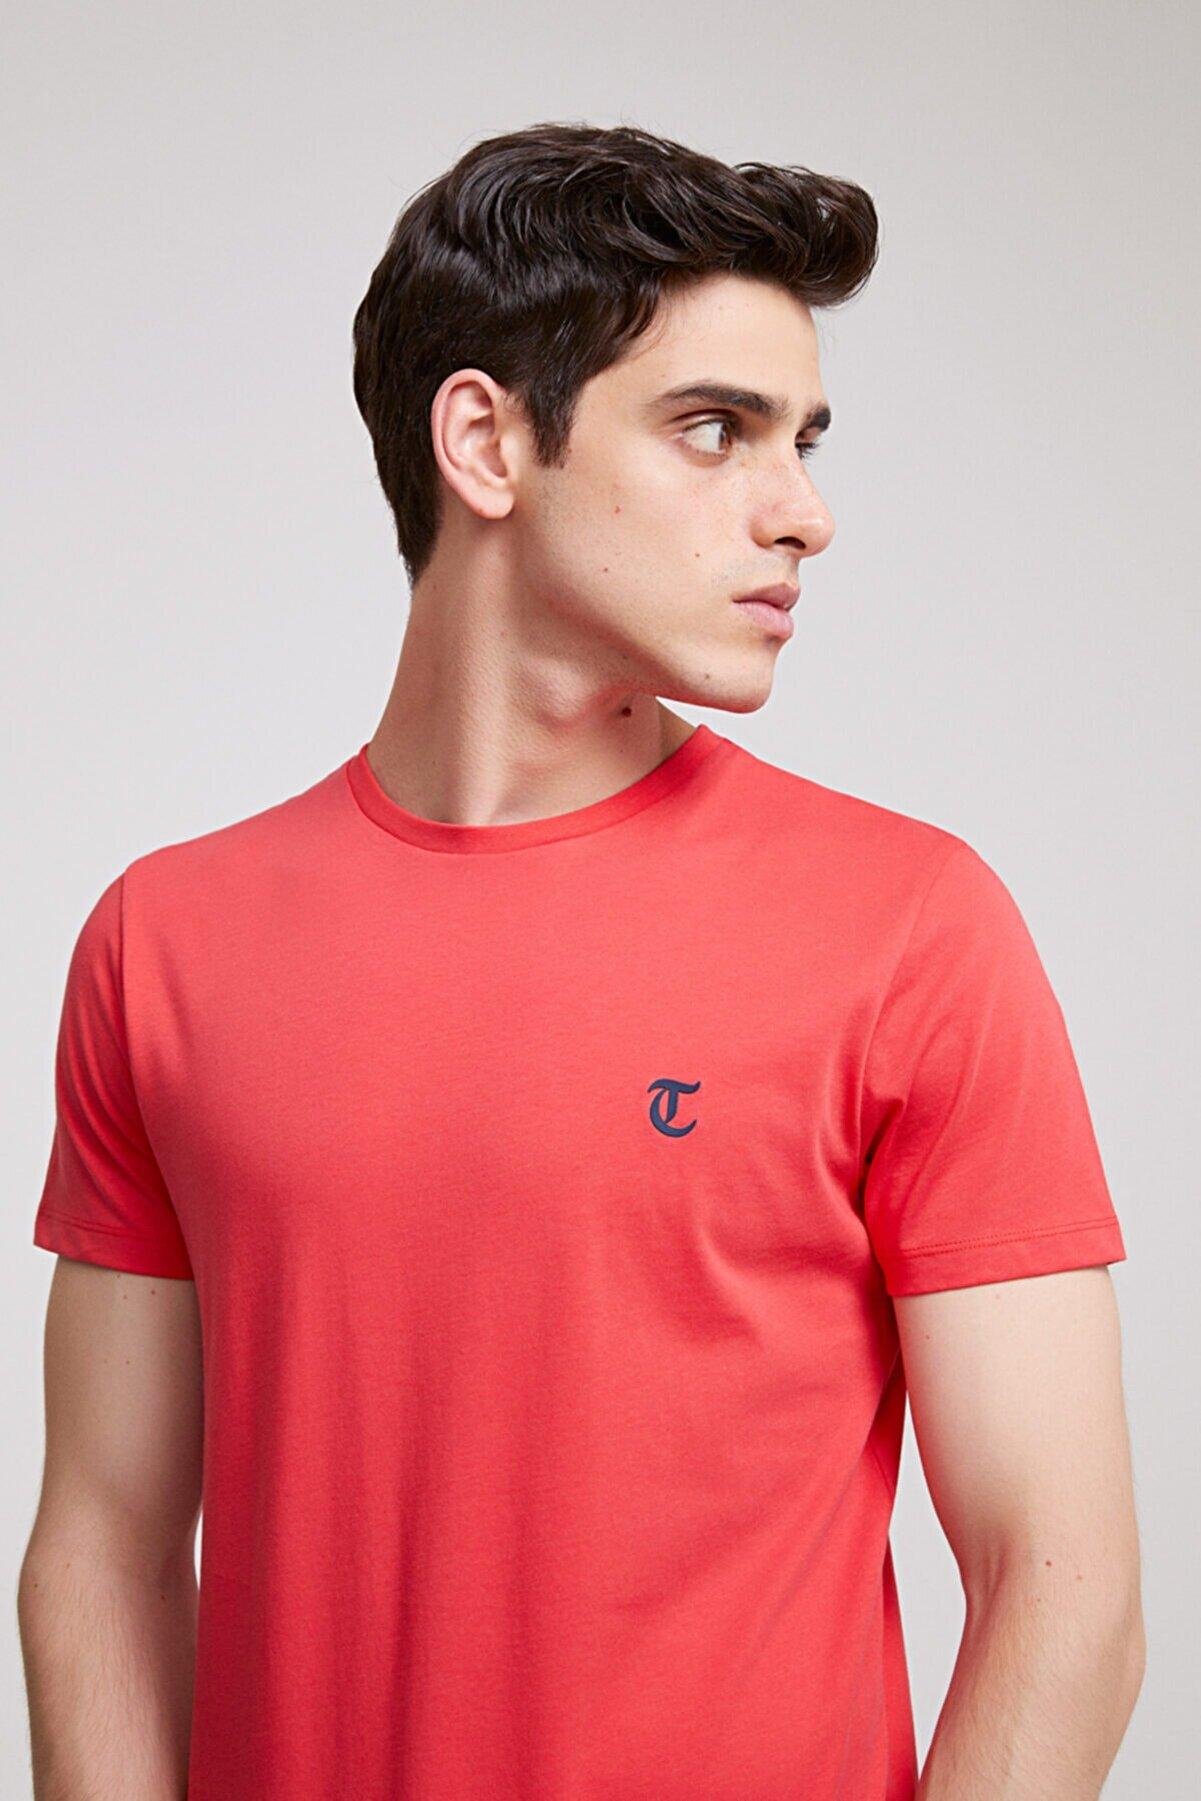 TWN Erkek Nar Çiçeği Düz Twn Slim Fit T-shirt